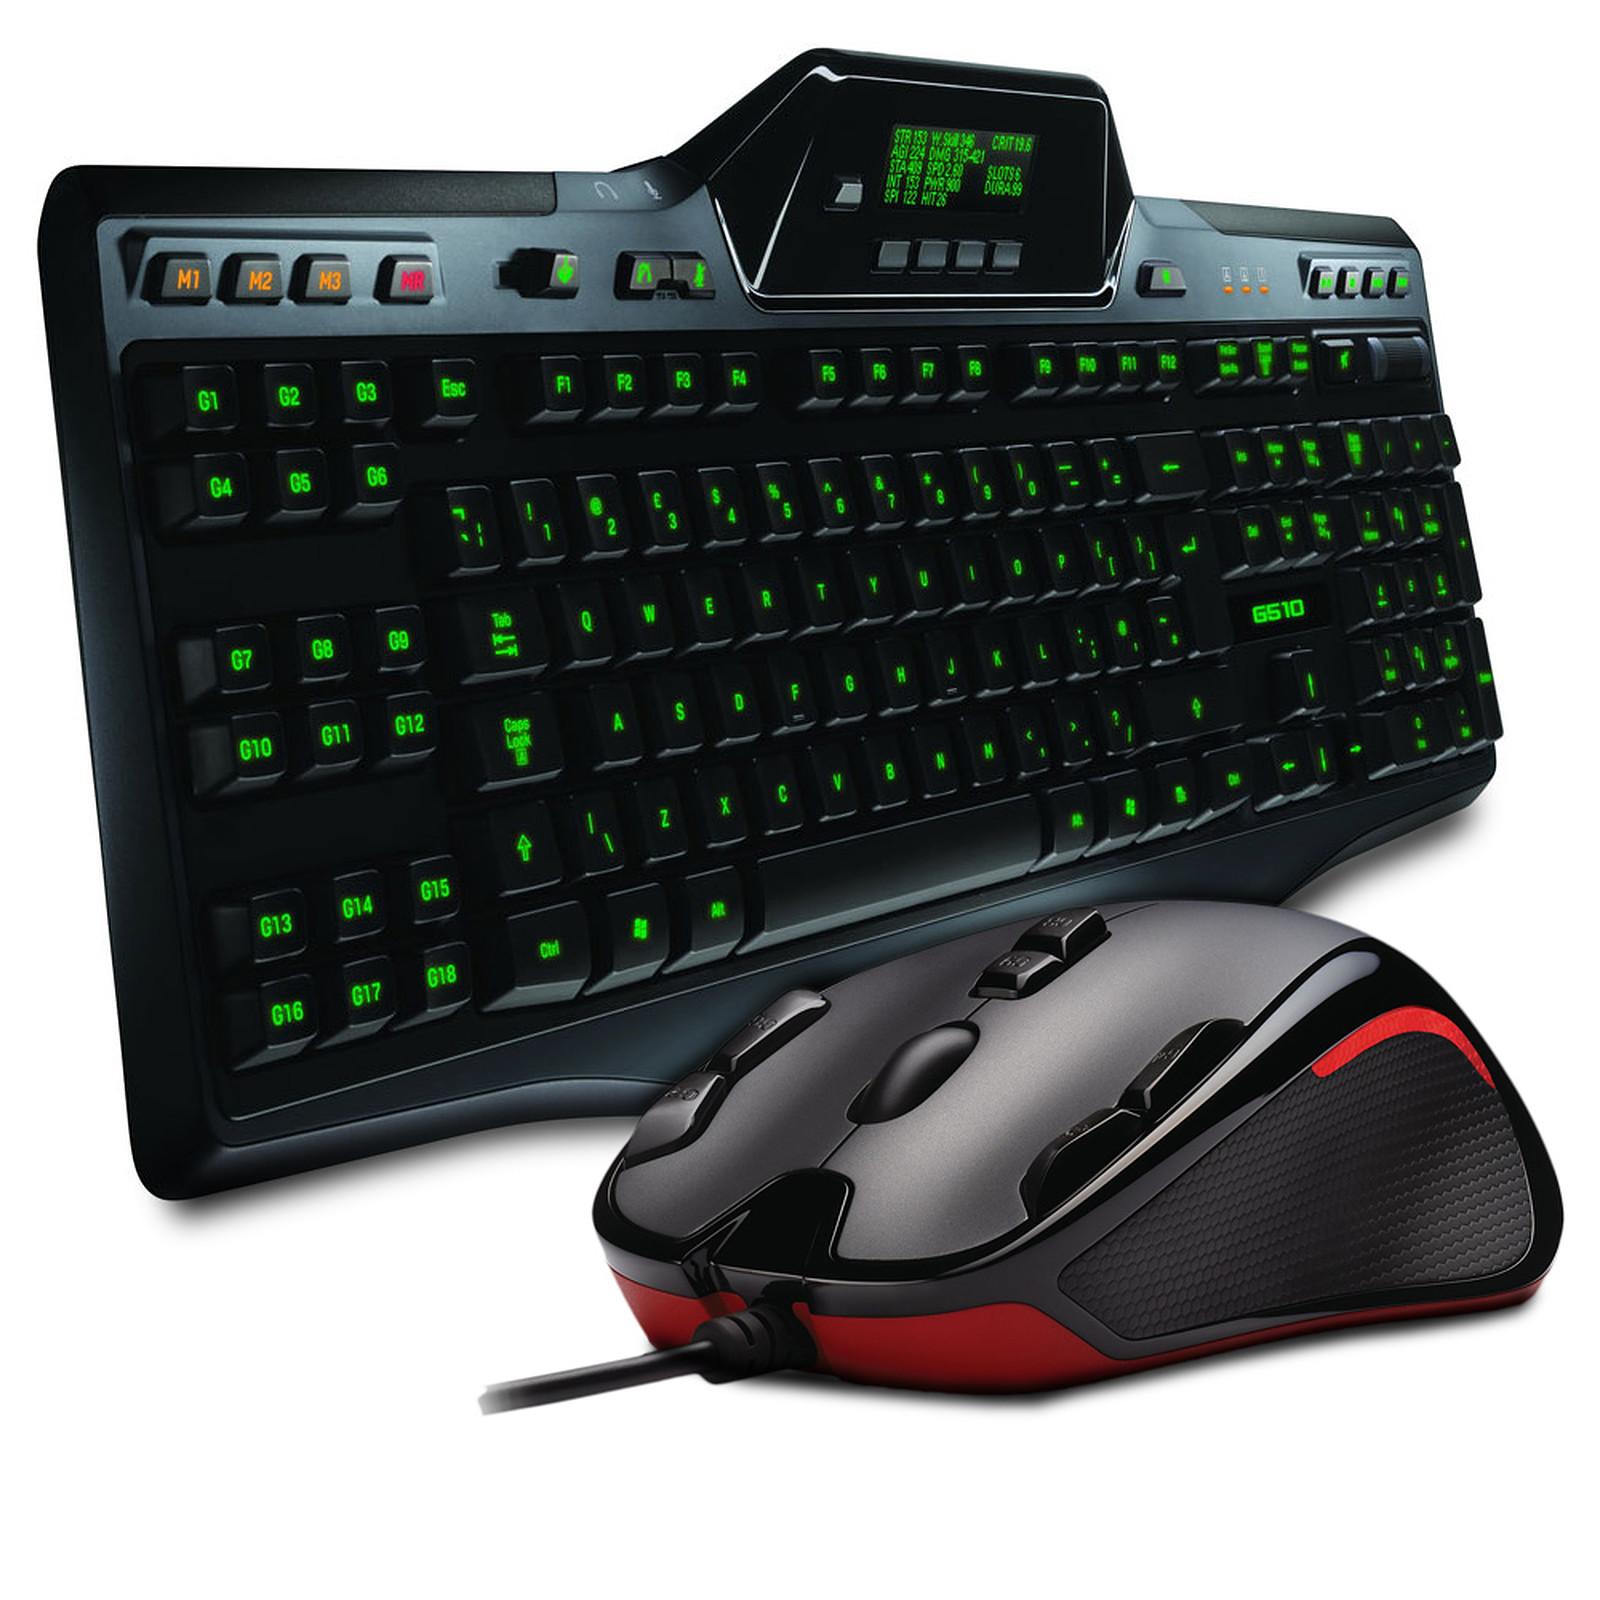 Logitech Gaming Keyboard G510 + G300 Gaming Mouse